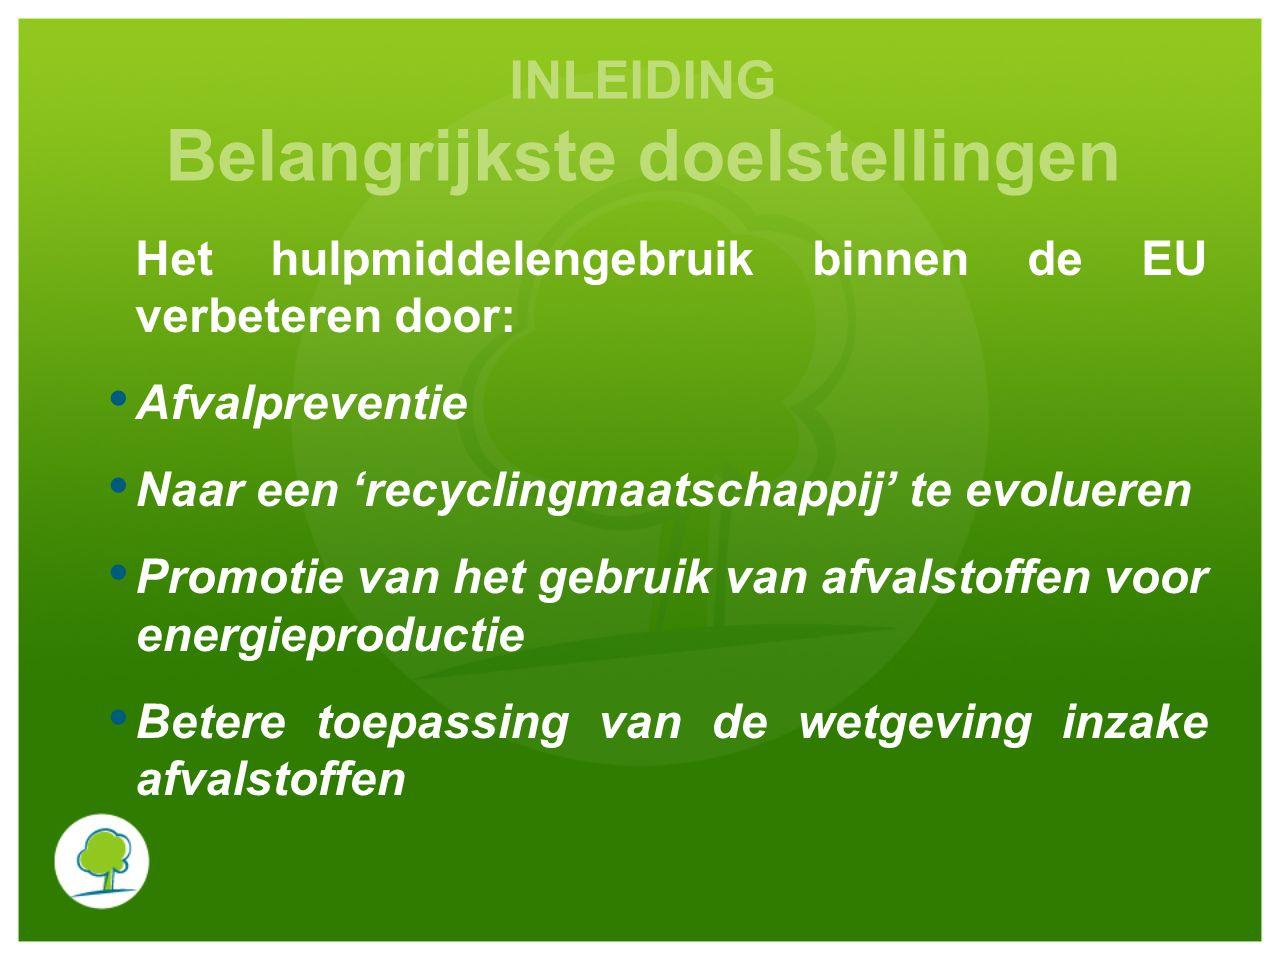 INLEIDING Belangrijkste doelstellingen Het hulpmiddelengebruik binnen de EU verbeteren door: Afvalpreventie Naar een 'recyclingmaatschappij' te evolueren Promotie van het gebruik van afvalstoffen voor energieproductie Betere toepassing van de wetgeving inzake afvalstoffen